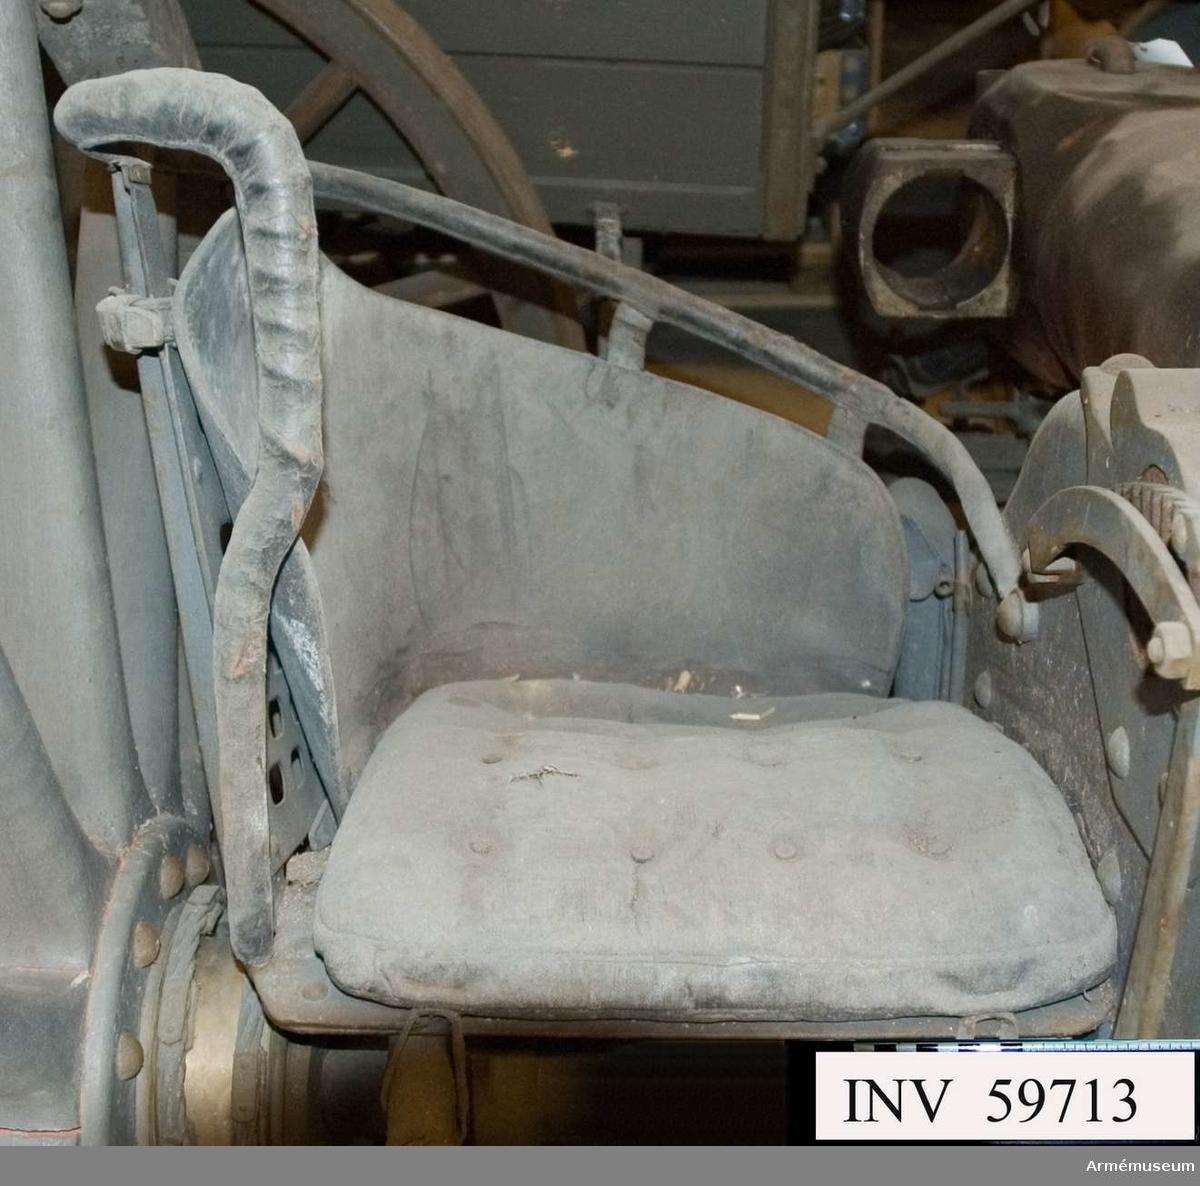 Grupp F I.  Kanonen är förändrad för metallkardus. Provpjäs inrättad för  metallpatron, med lavett, föreställare och delvis utredning, den senare till följd av bakladdningsmekanismens aptering för metallpatroner.